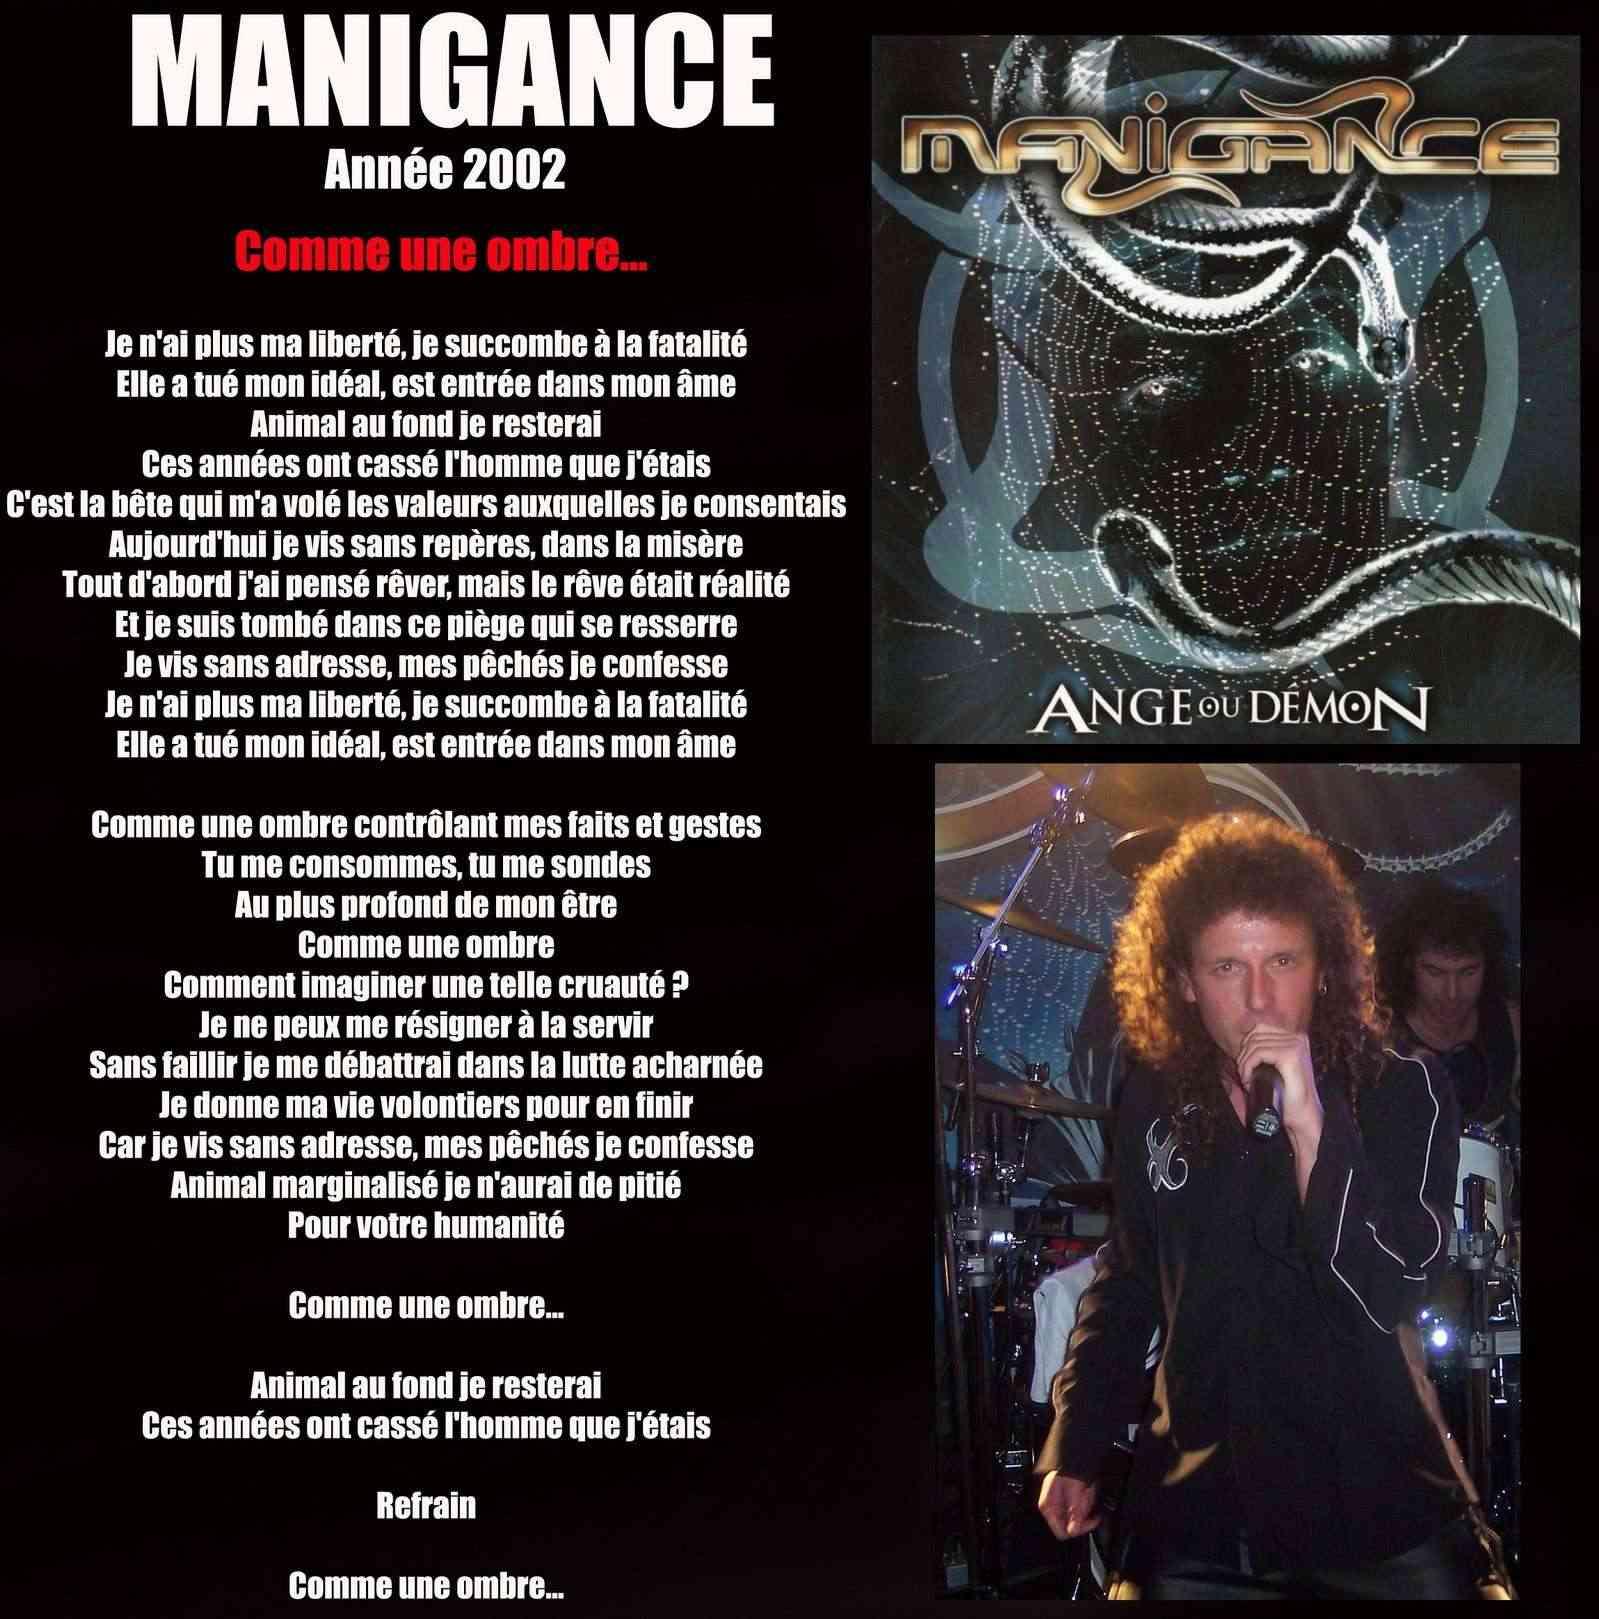 MANIGANCE Comme une ombre (2002) Maniga12